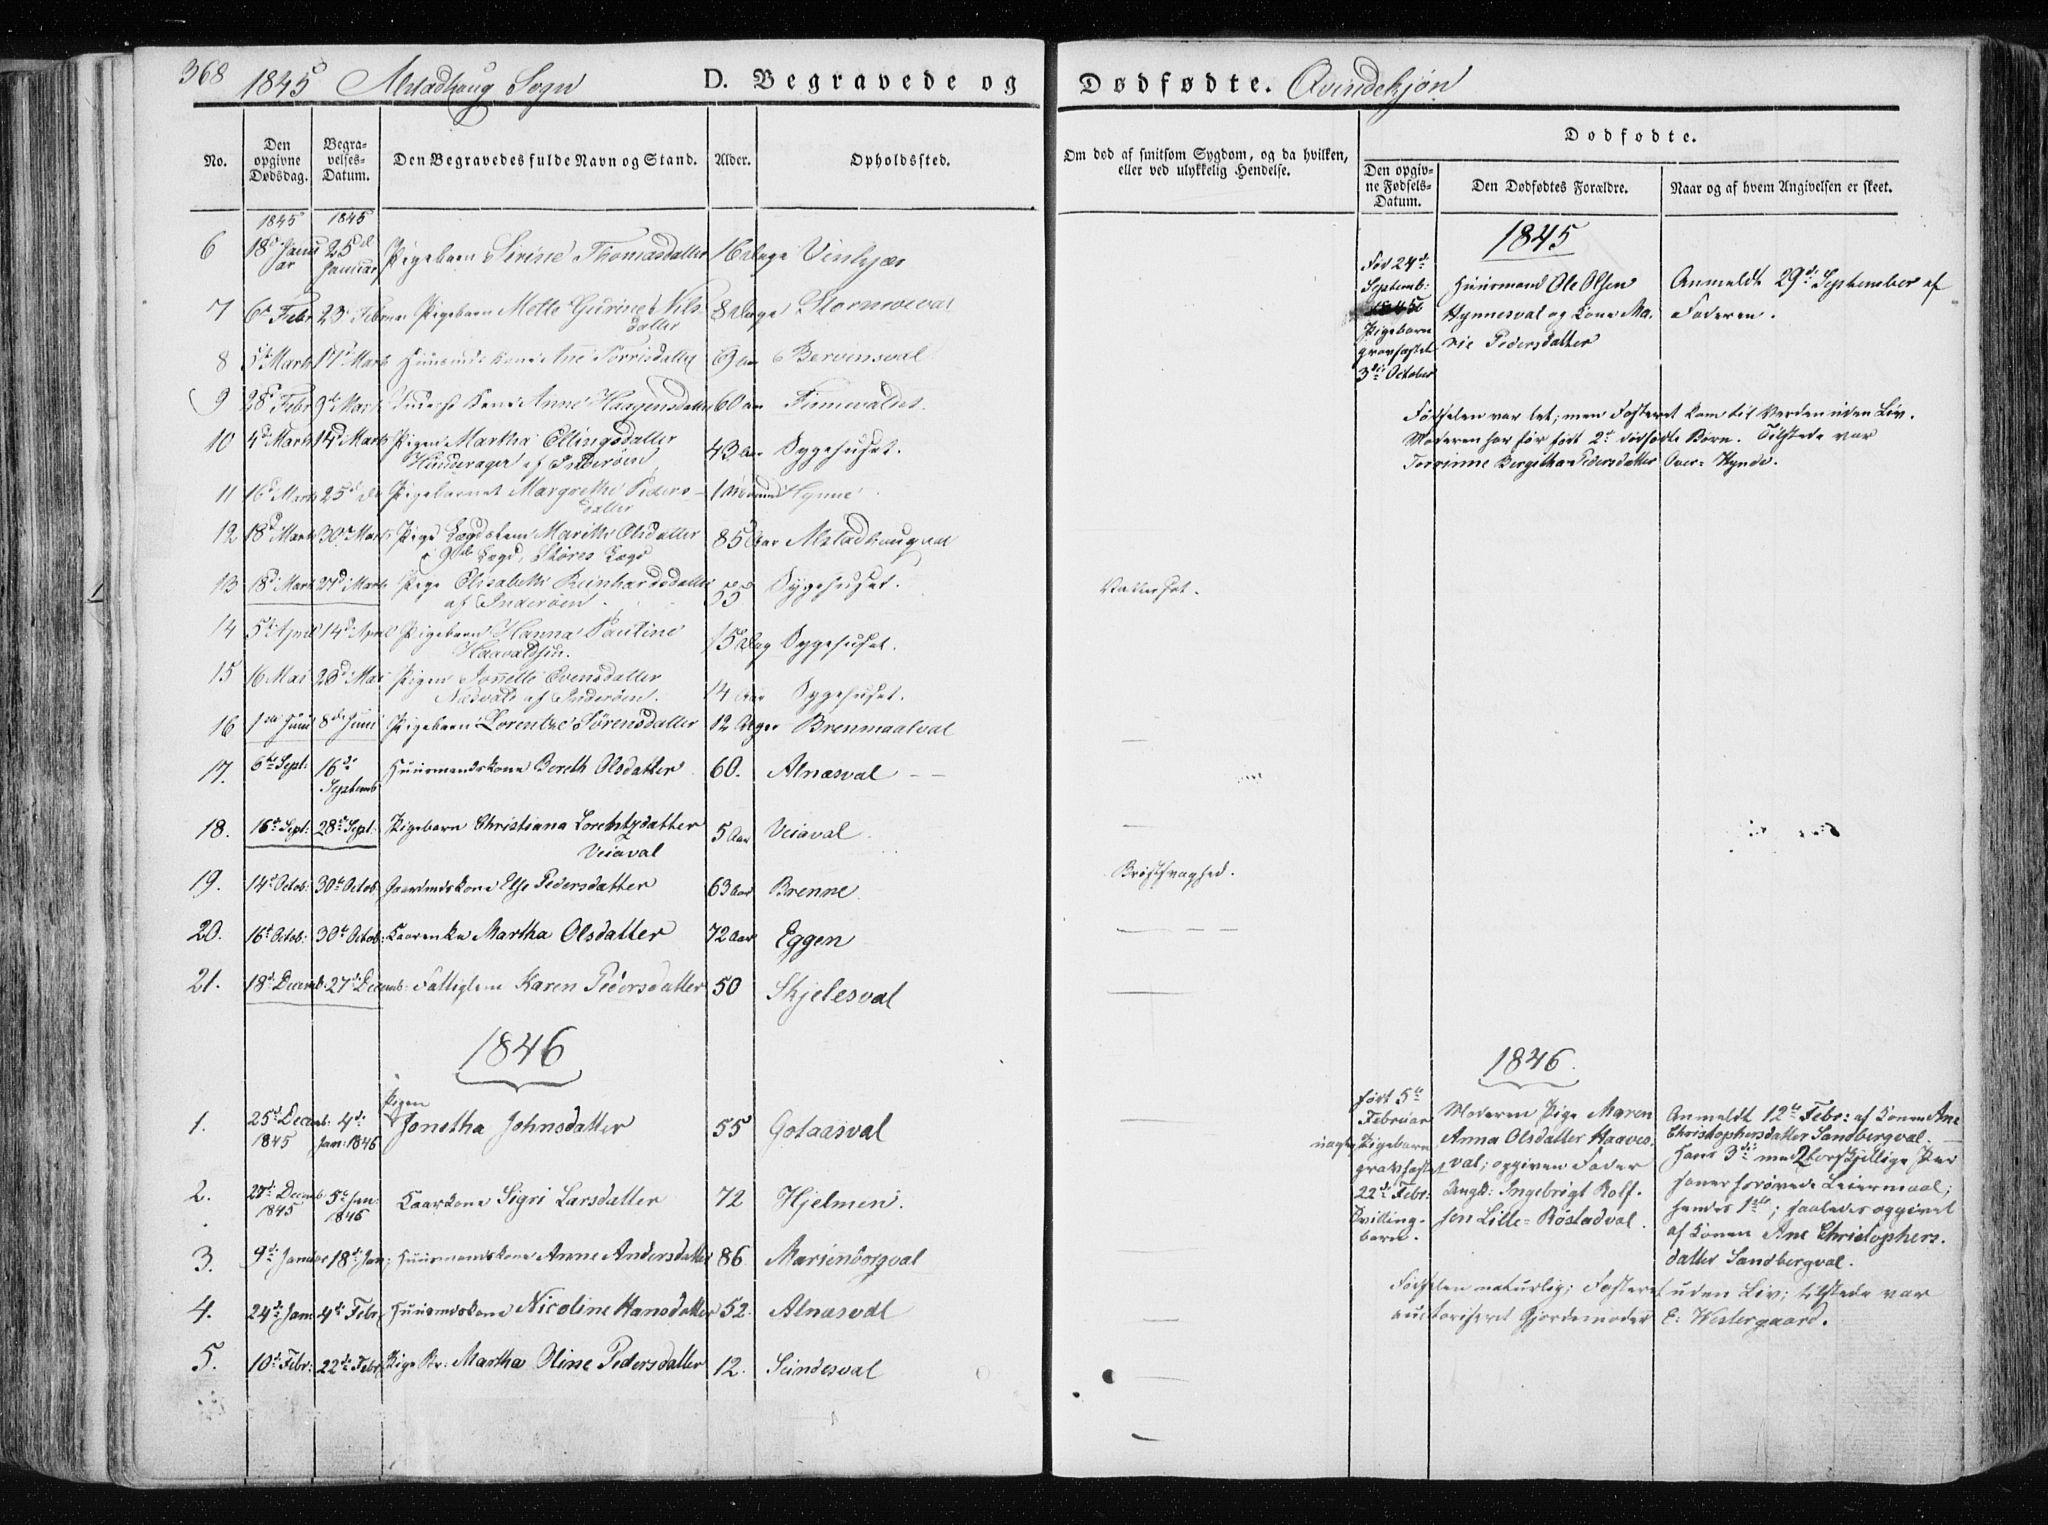 SAT, Ministerialprotokoller, klokkerbøker og fødselsregistre - Nord-Trøndelag, 717/L0154: Ministerialbok nr. 717A06 /1, 1836-1849, s. 368